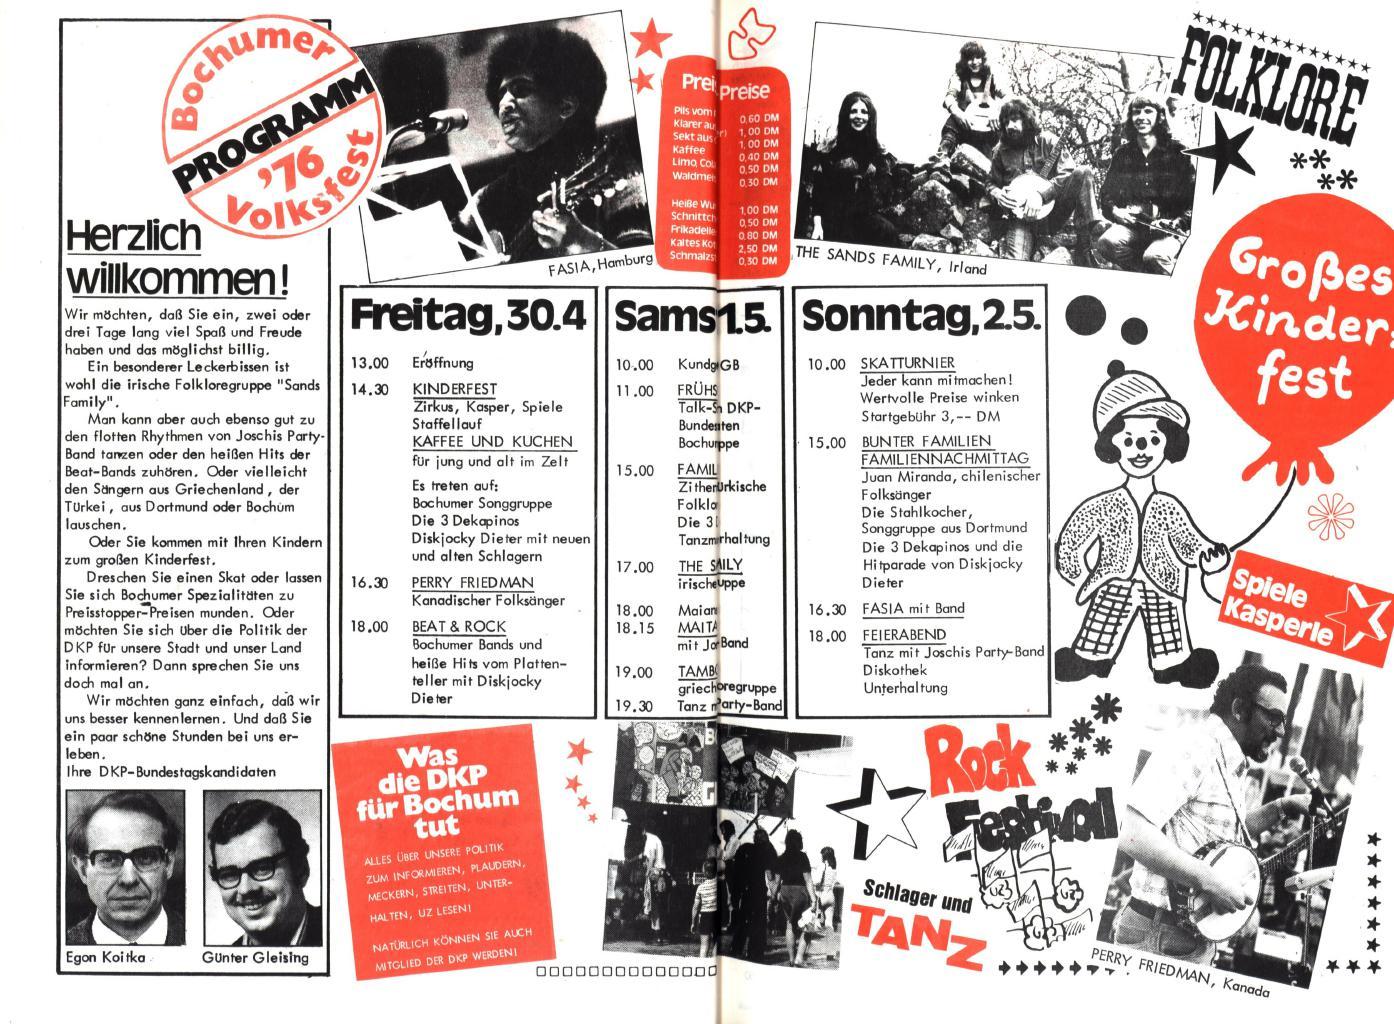 Bochum_Opel_Roter_Kadett_19760400_Extra2_02